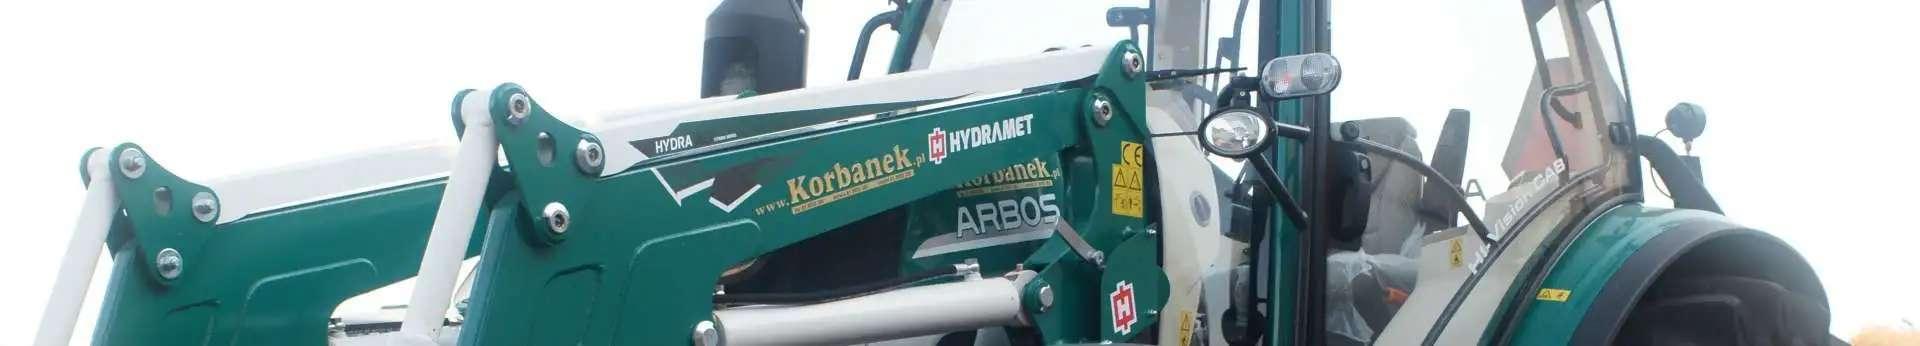 Zdjęcie przedstawiające ładowacz czołowy Hydramet Xterme 1 , zamontowany na ciągniku Arbos.